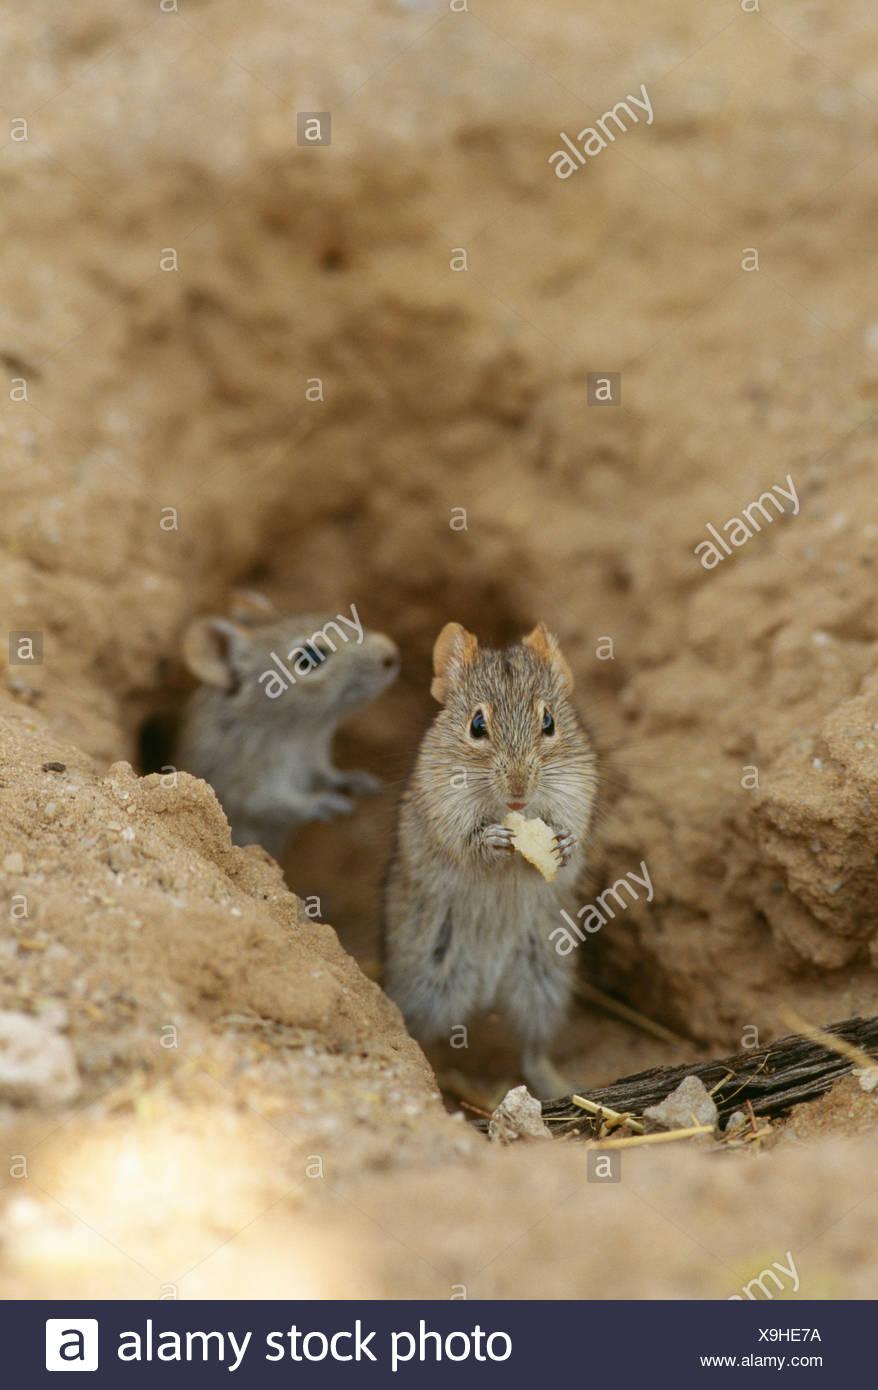 Gemütlich Mäuse Kauen Drähte Fotos - Die Besten Elektrischen ...